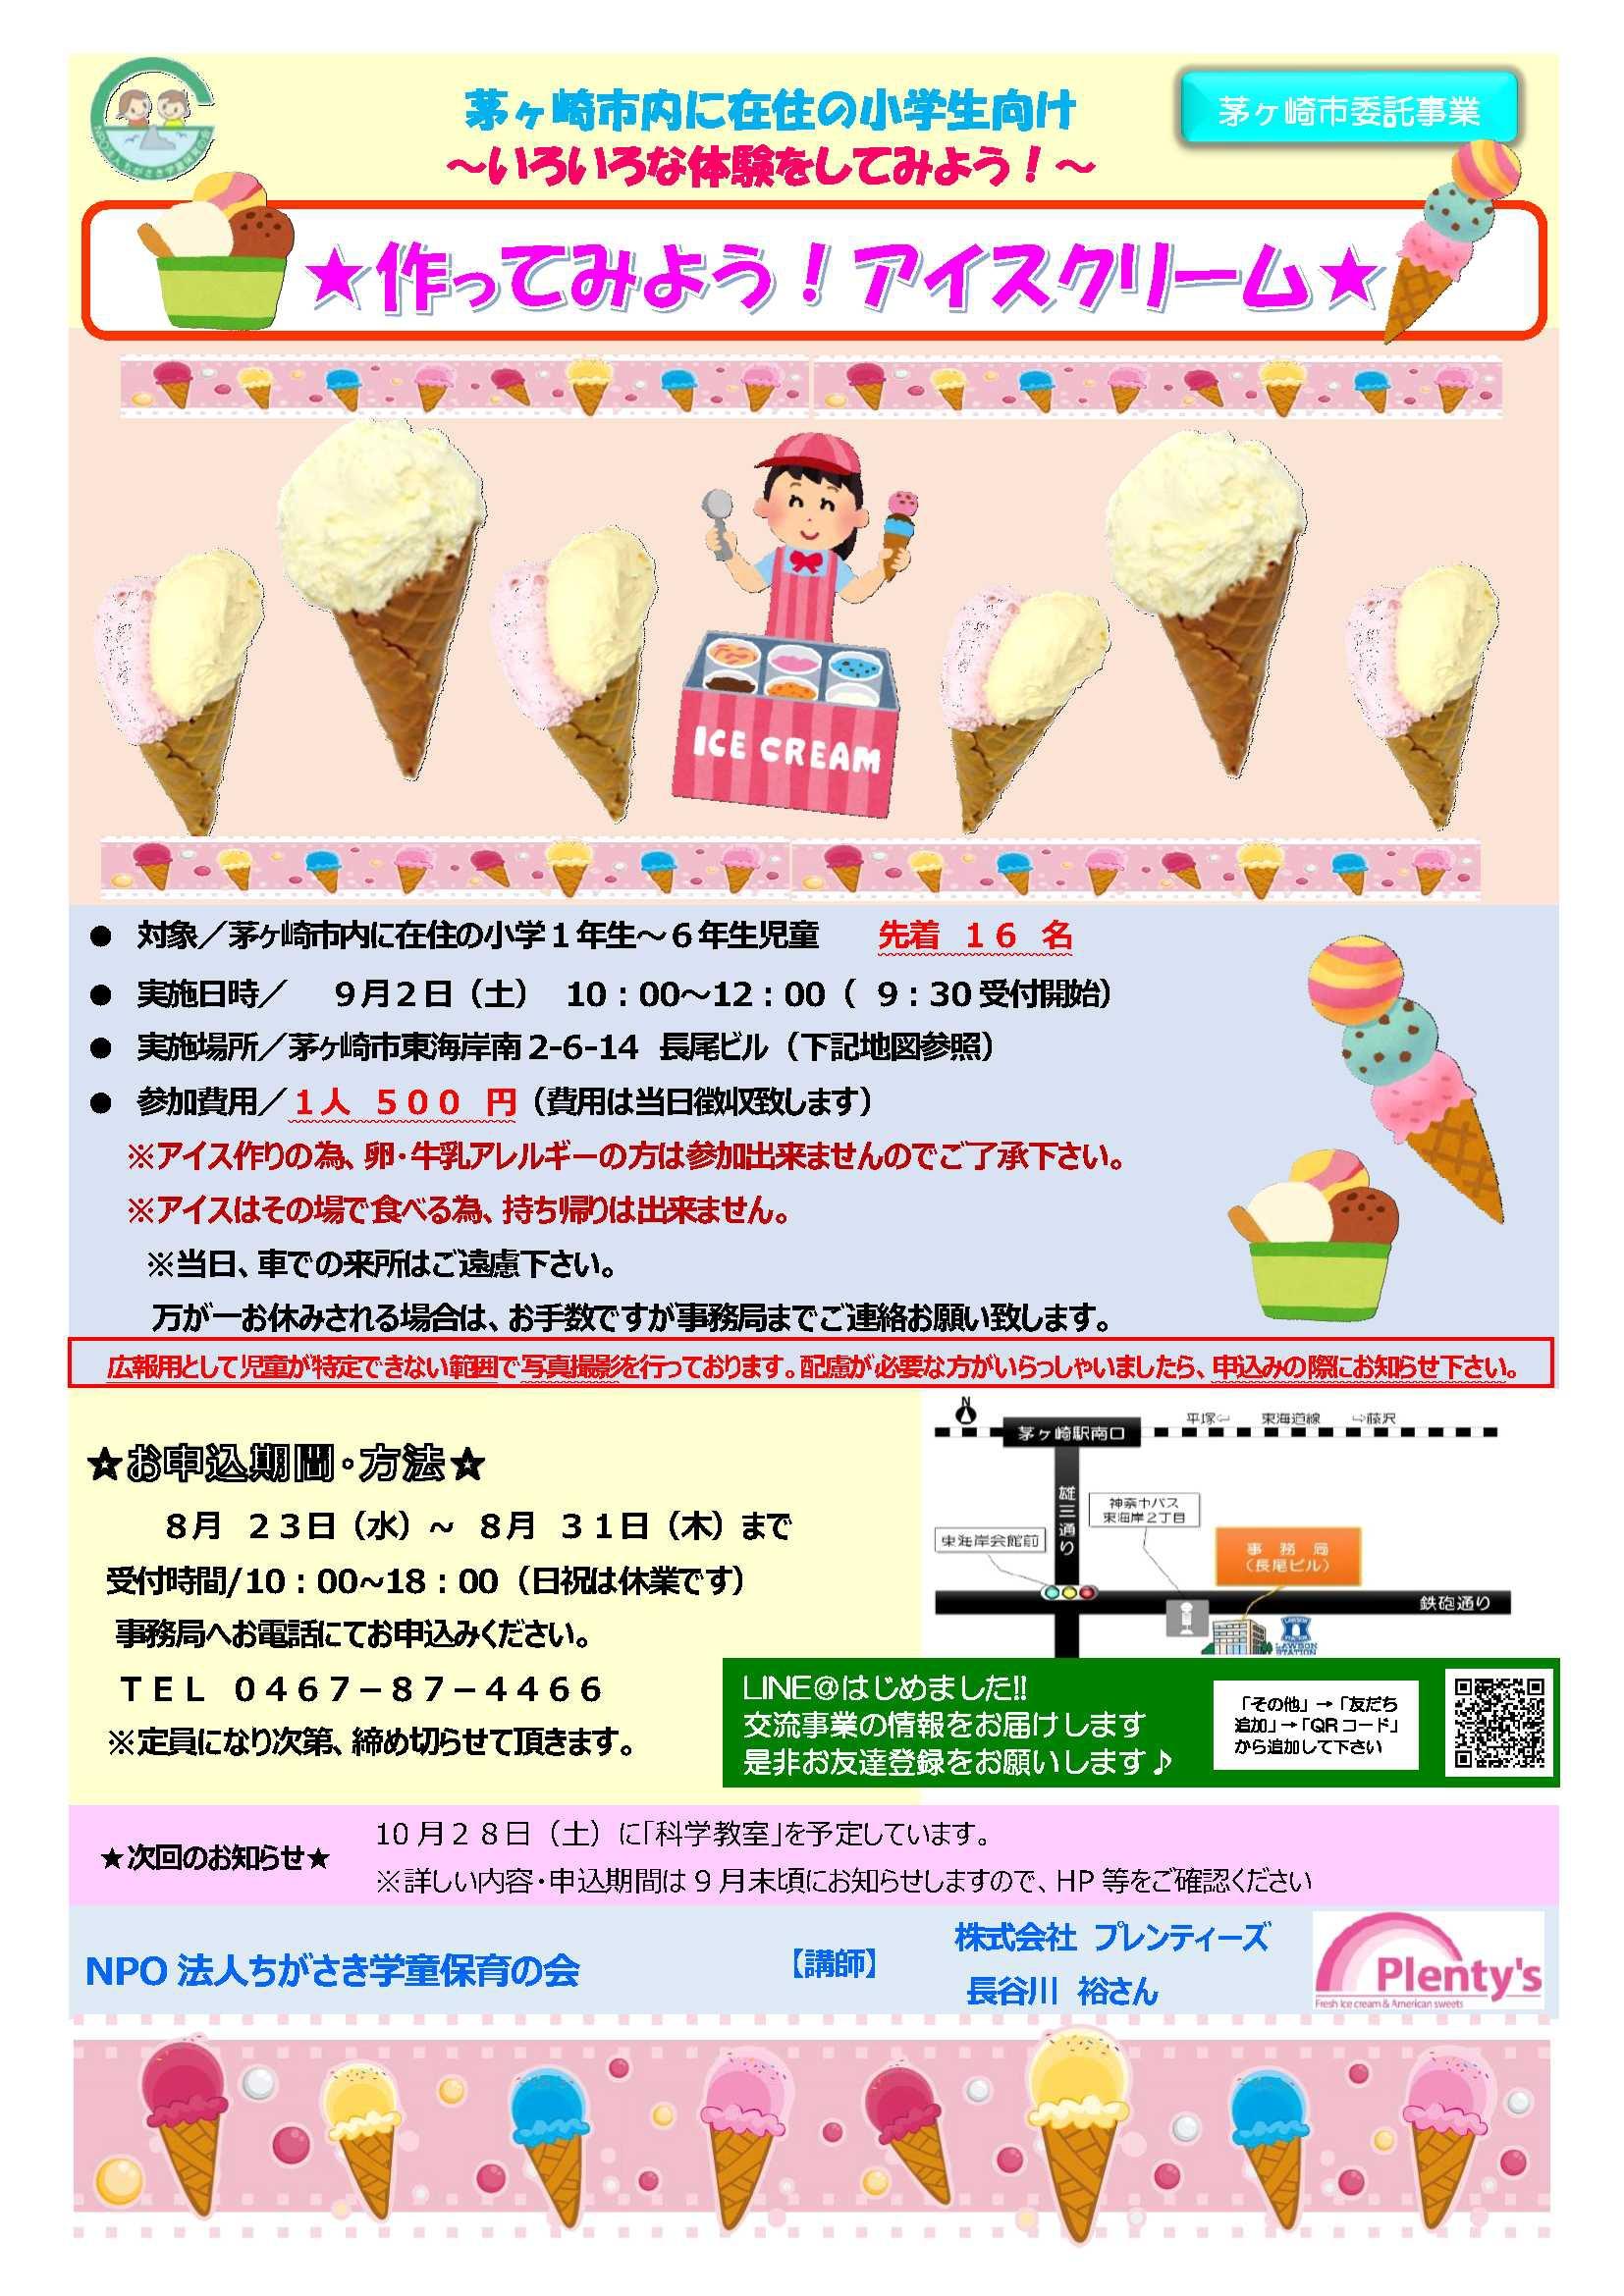 2909ポスター_LINE用_1.jpg